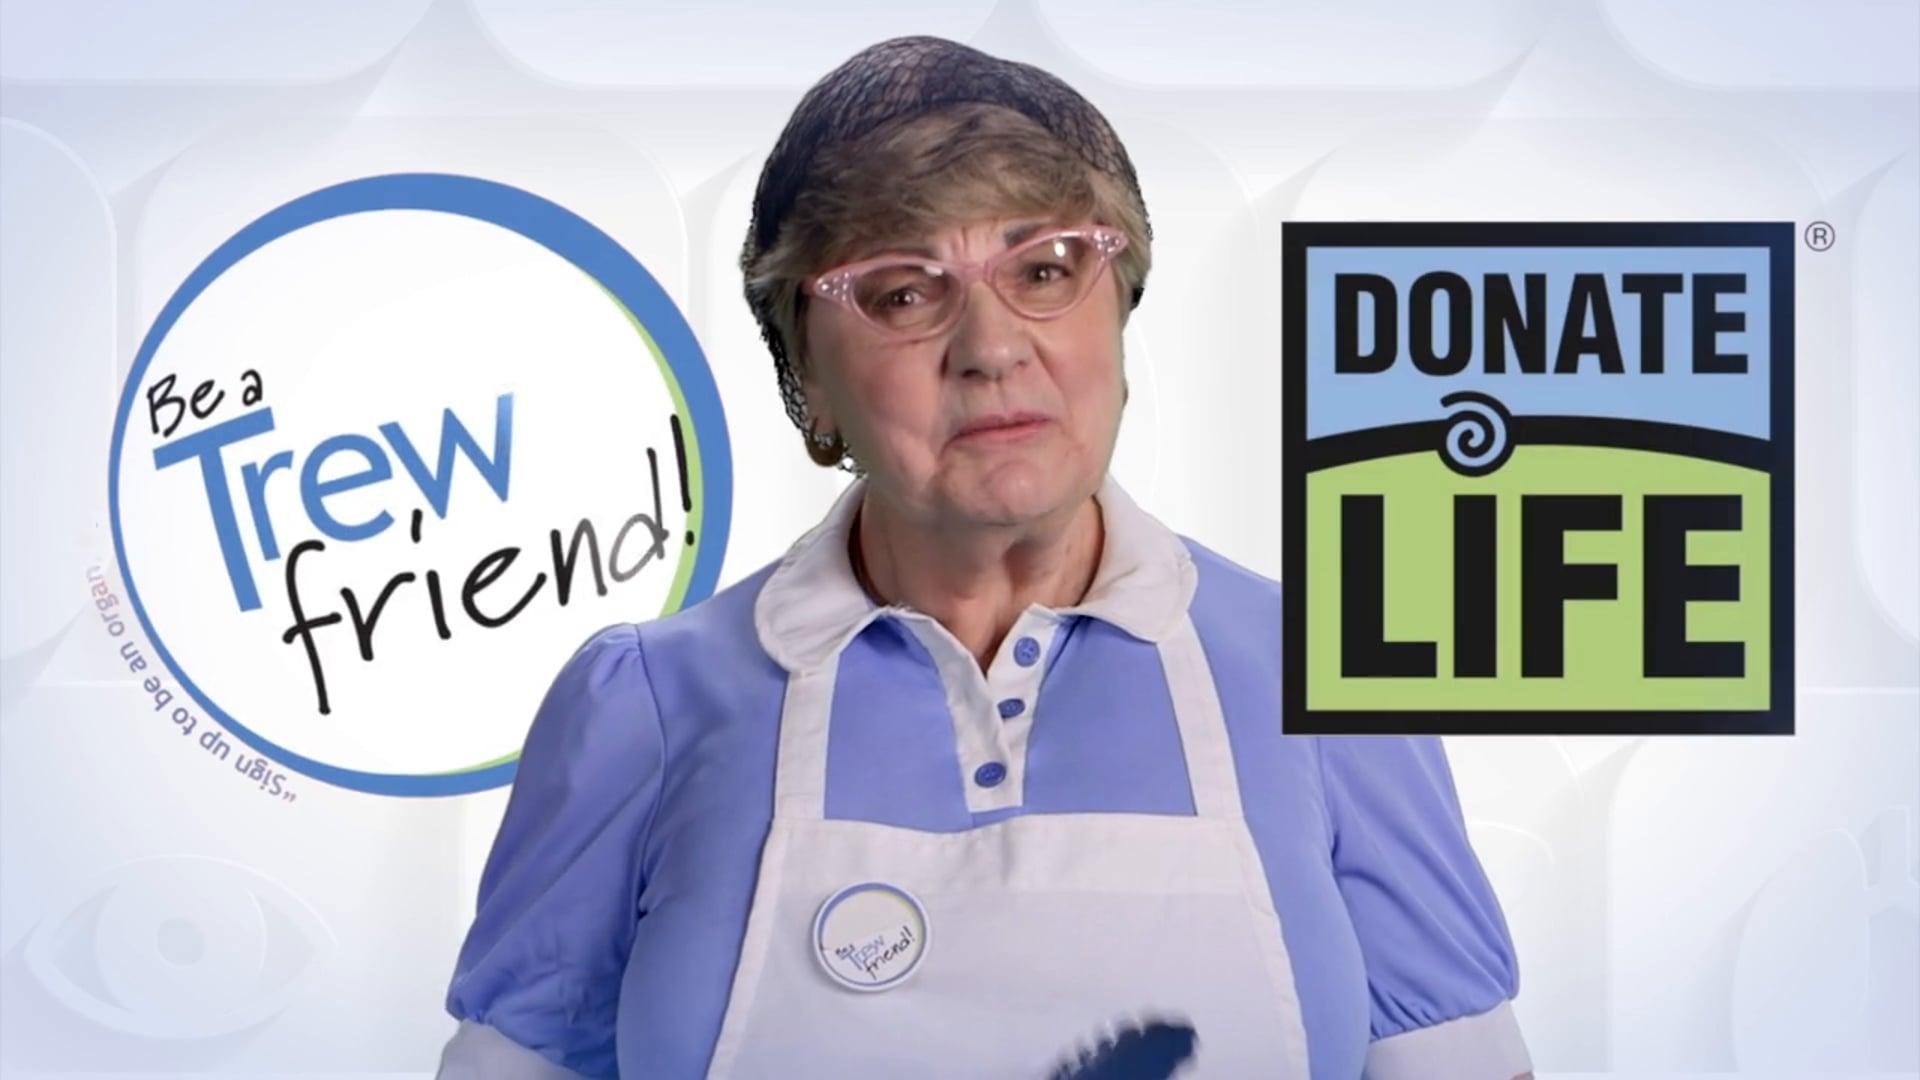 PSA Organ Donation - Trew friends & Donate Life 60 sec